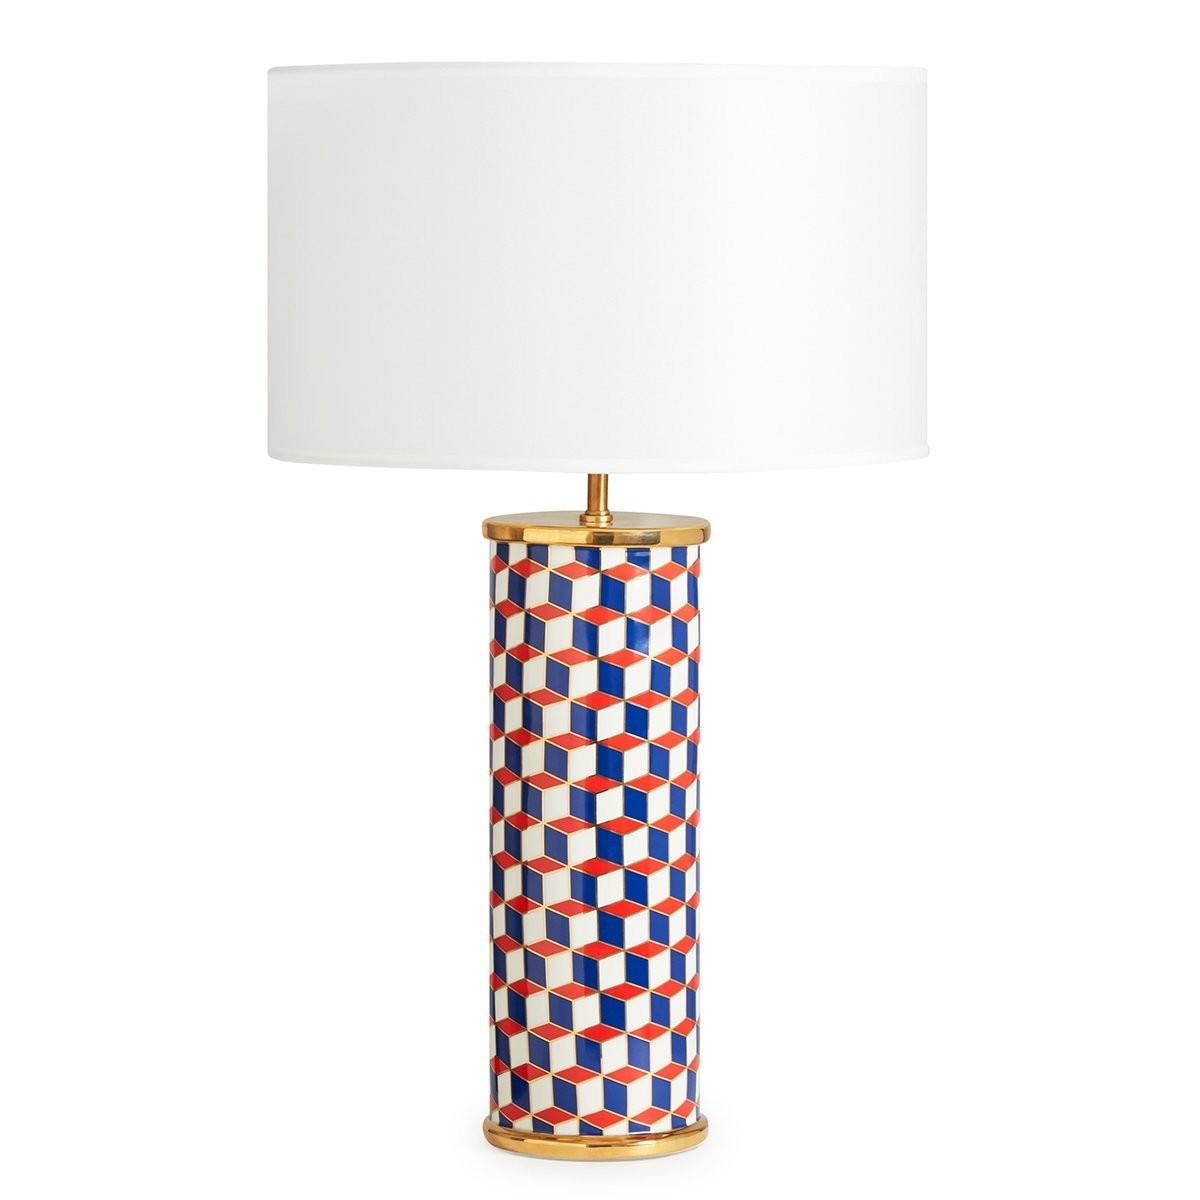 Jonathan Adler I Carnaby Table Lamp I Red & Blue